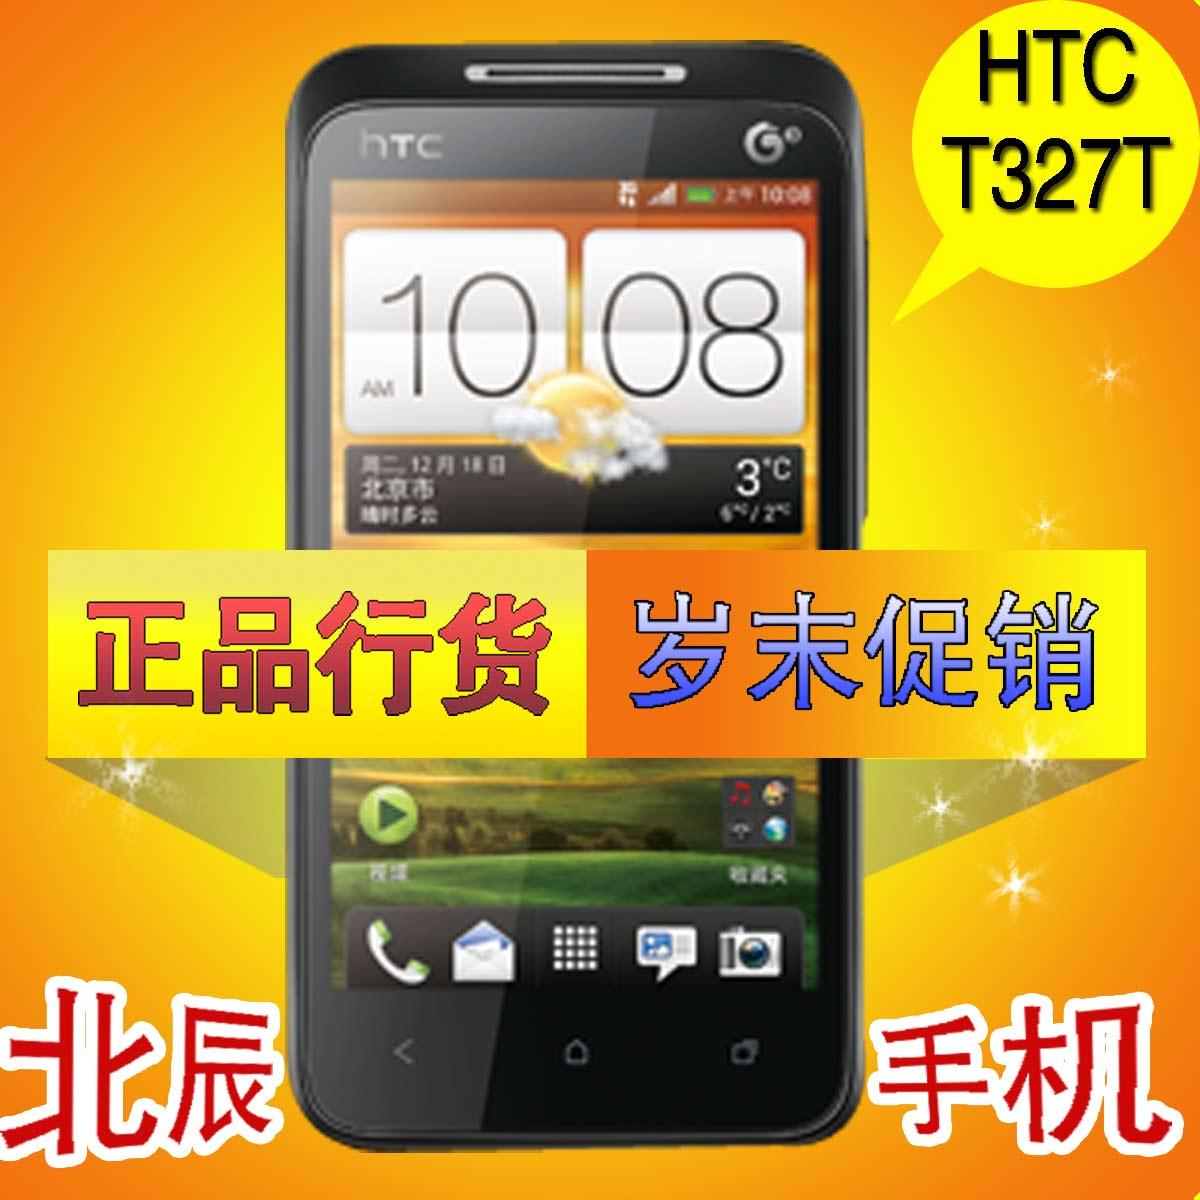 Мобильный телефон HTC  T327t 4.0 3G 500